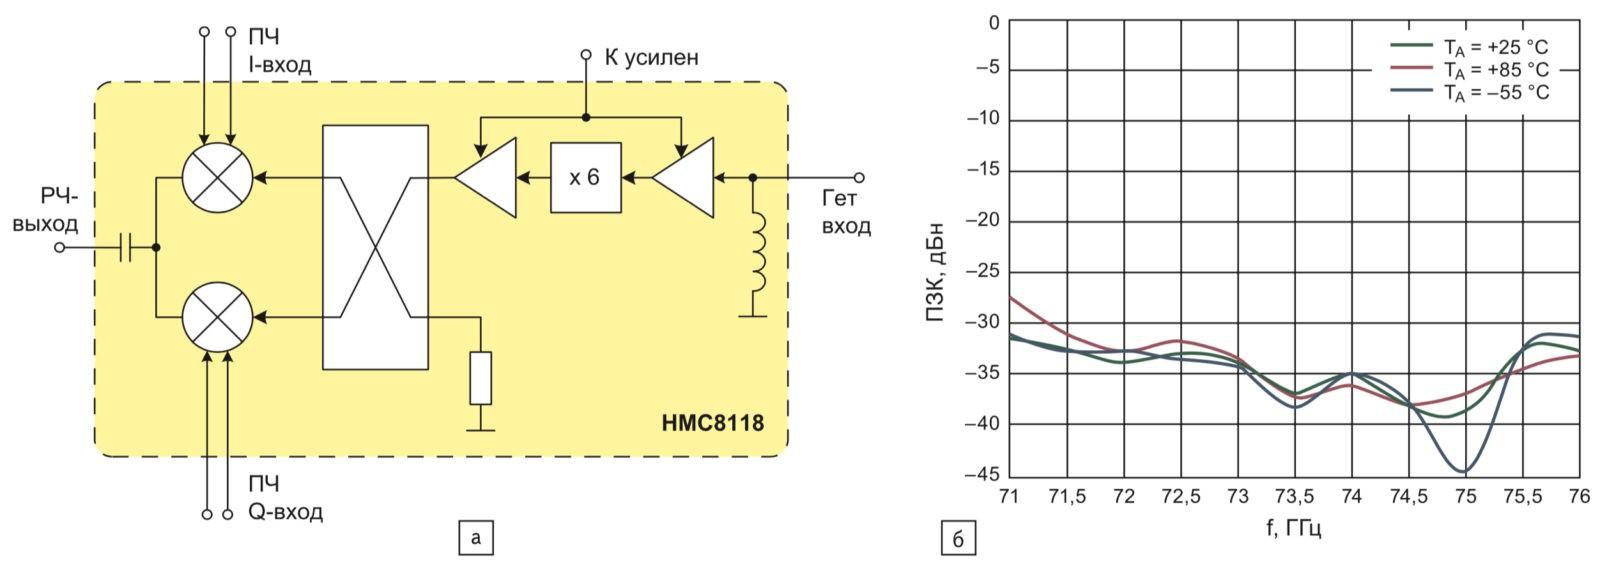 Структура квадратурного преобразователя с повышением HMC8118 от компании Analog Devices; б) частотная зависимость подавления зеркального канала ПЗК при разных температурах ИС